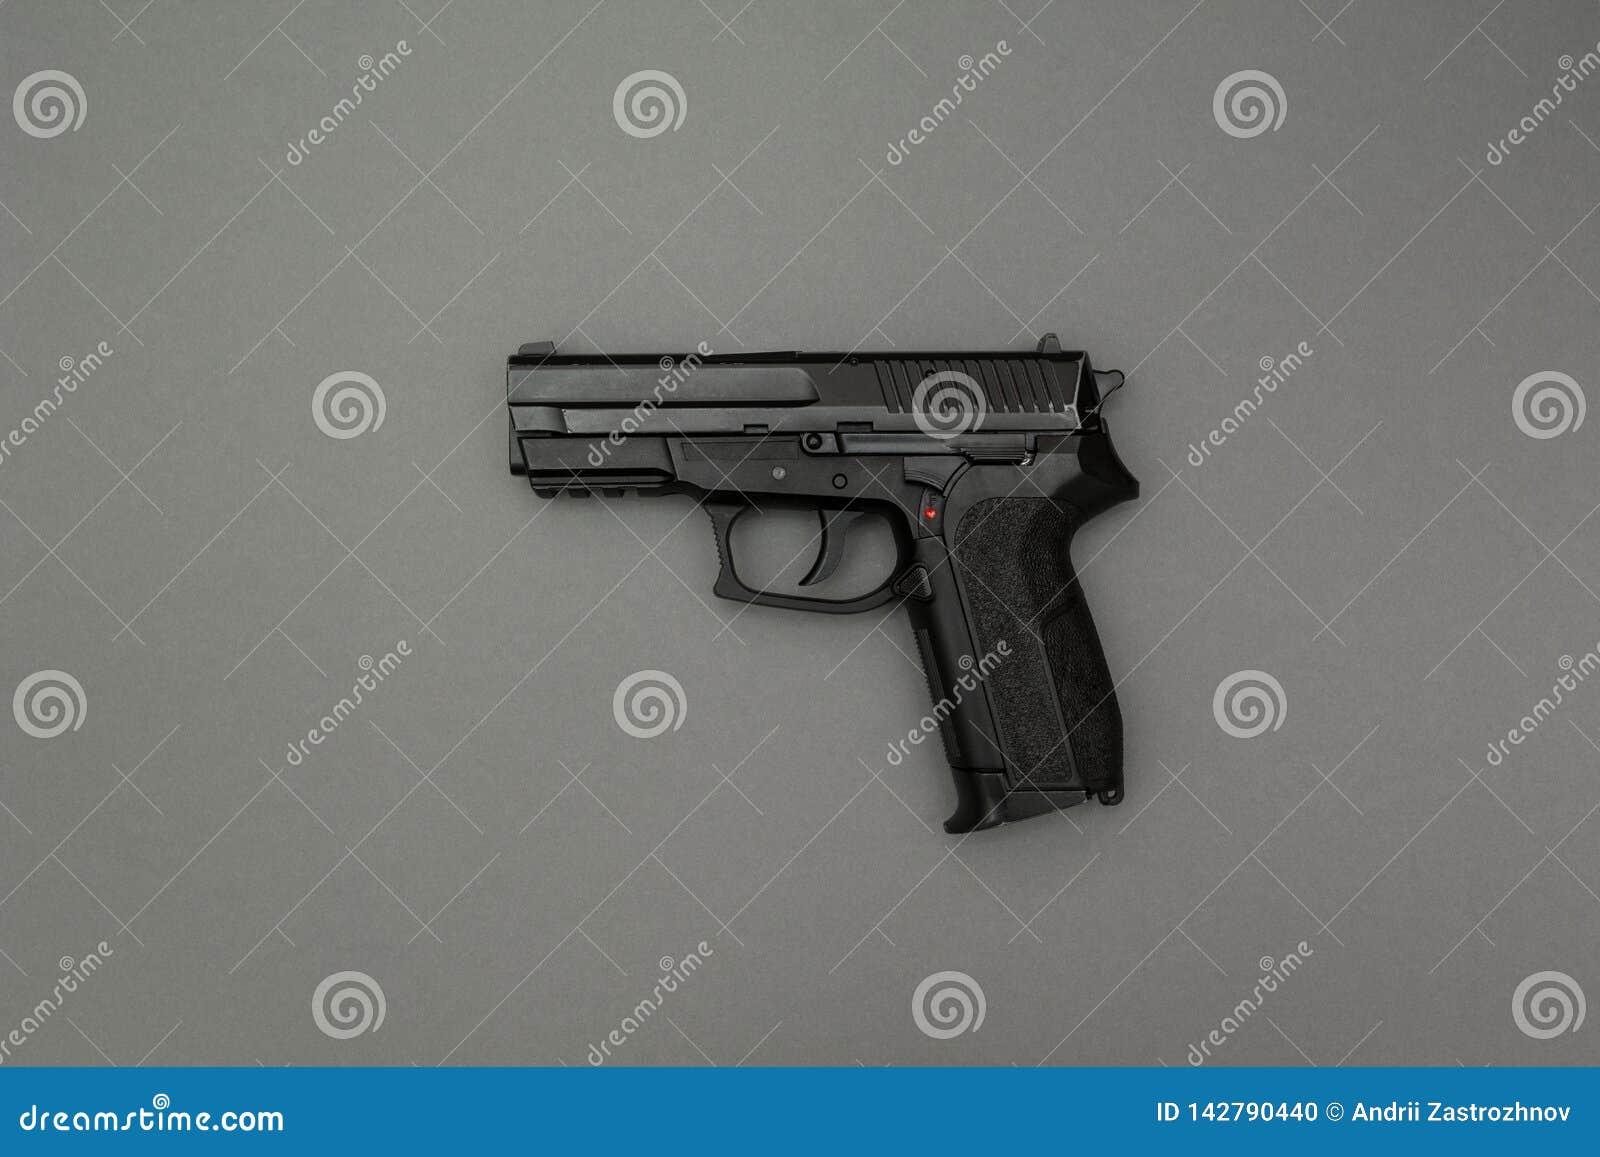 Черное оружие на серой предпосылке